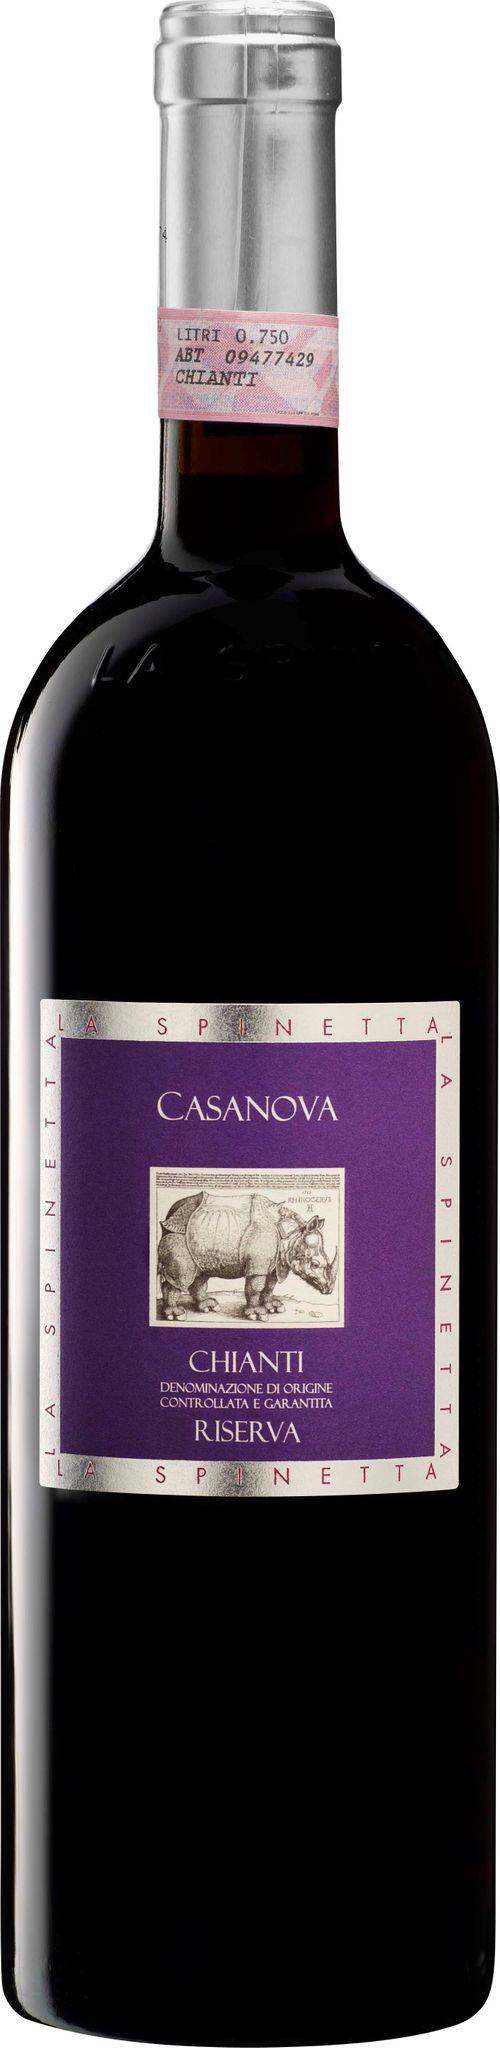 Produktbild på Casanova Chianti Riserva